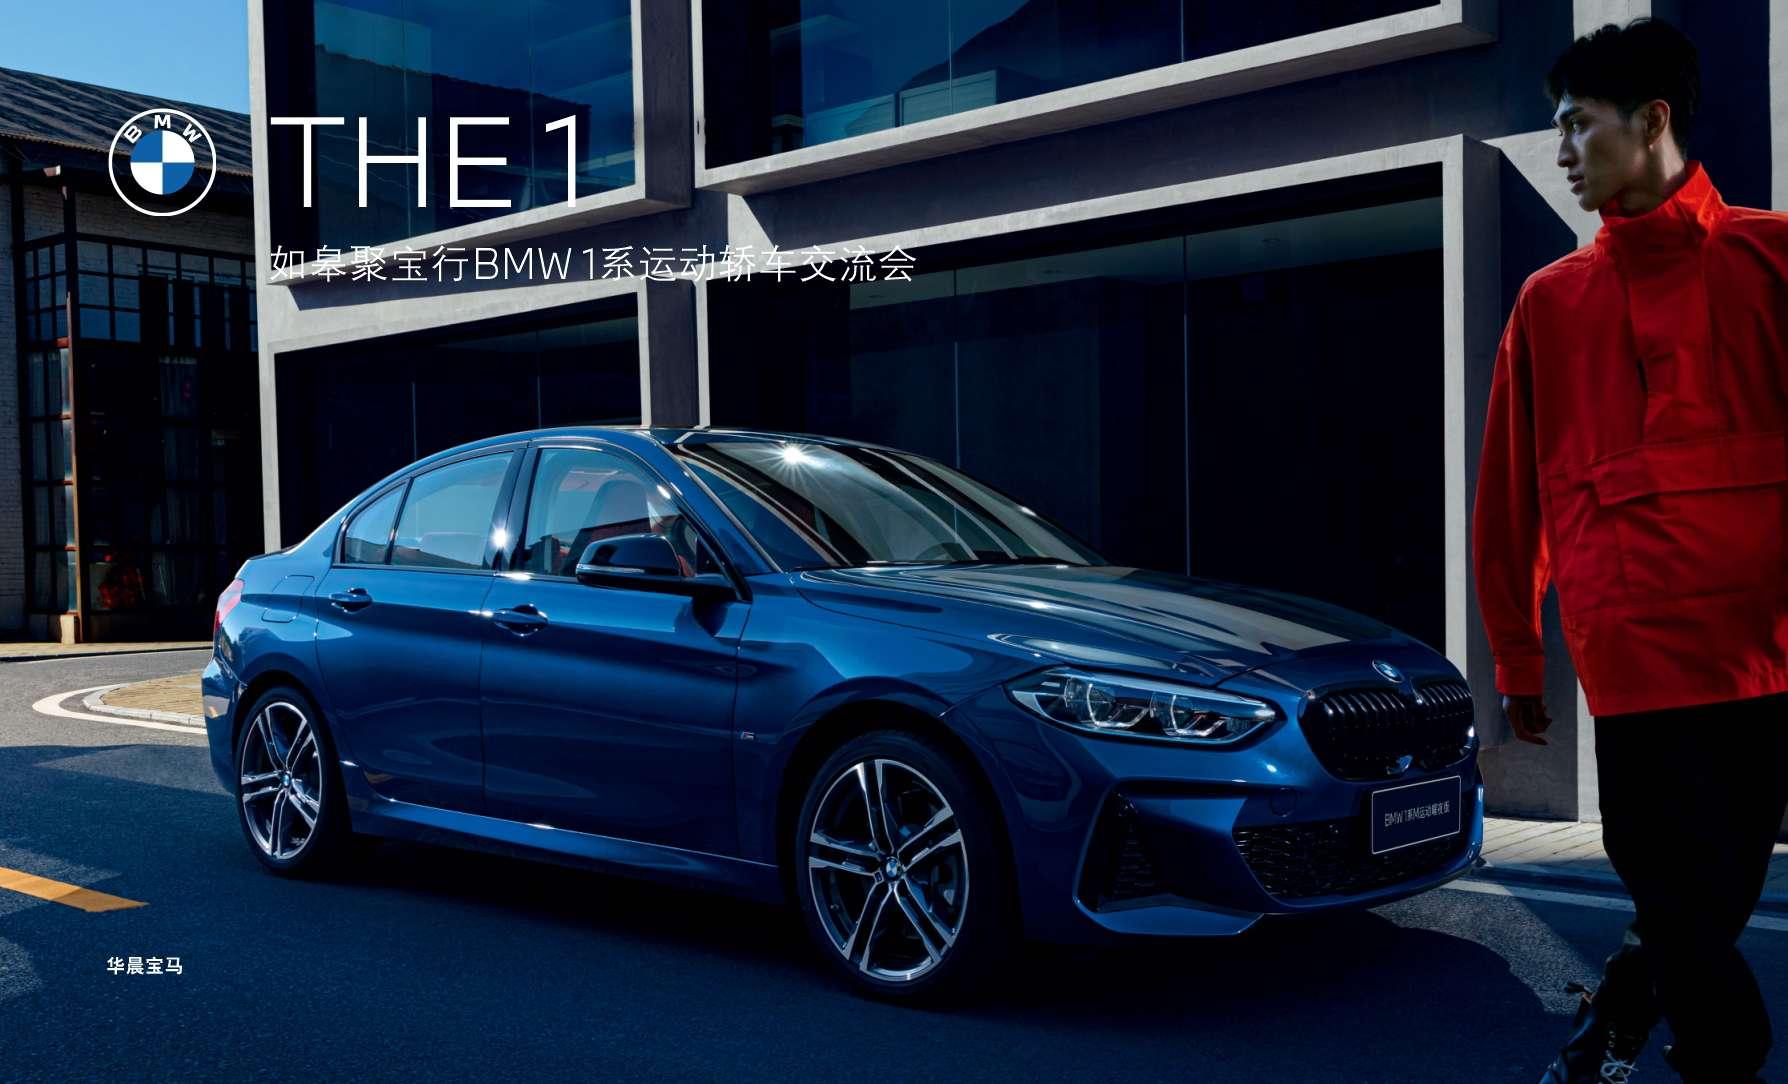 元气 潮趣 BMW1系运动轿车交流会